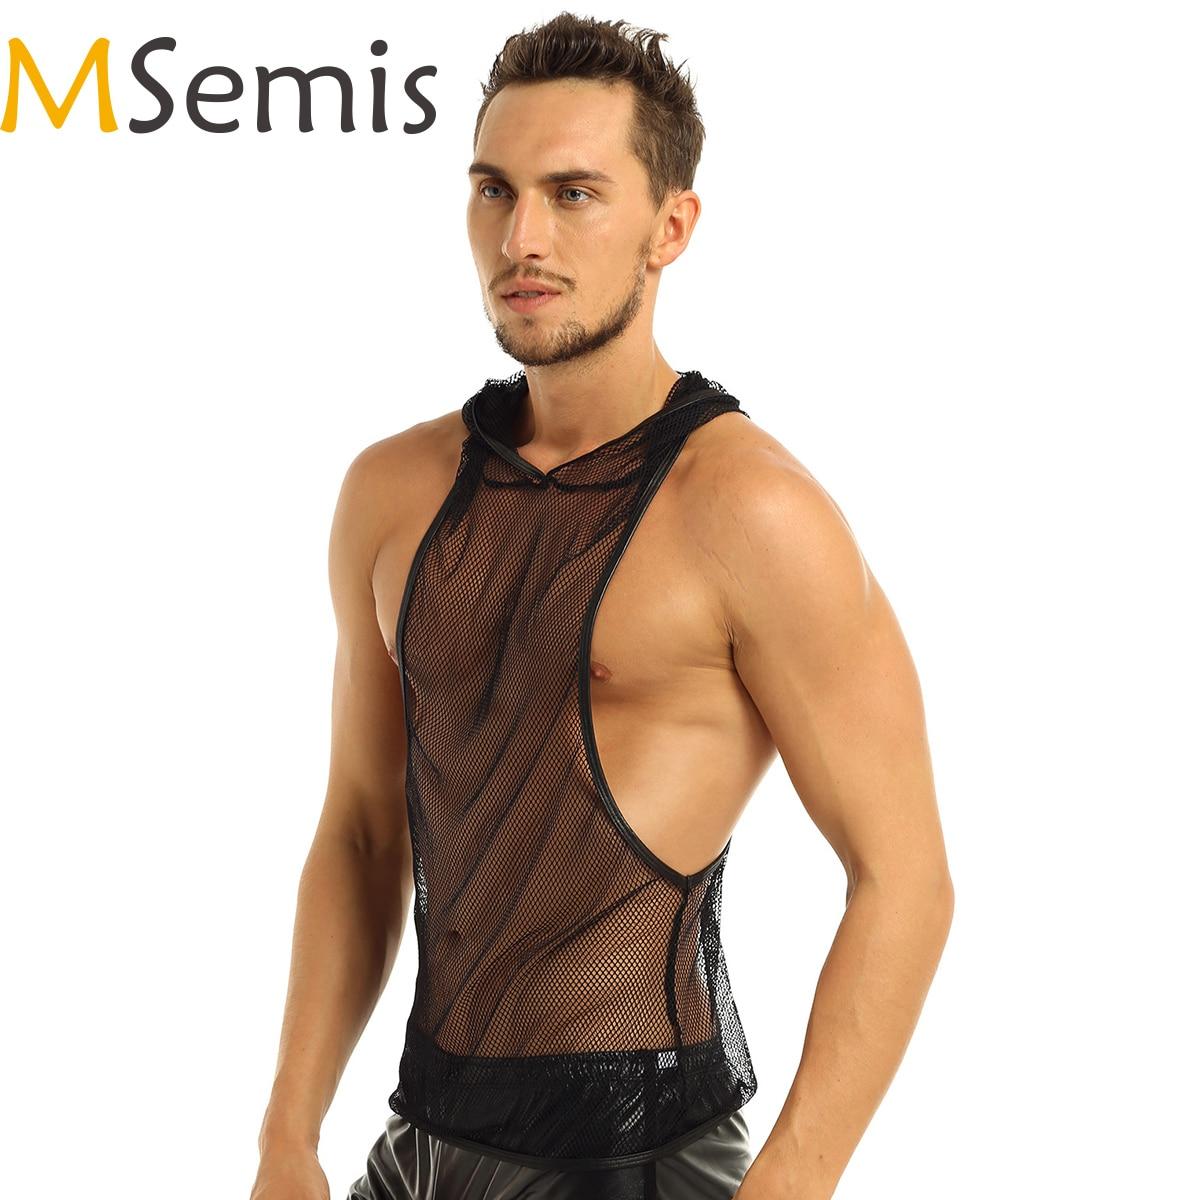 MSemis Mens Mesh Sheer Crop Top Wetlook Leather Muscle Tank Vest T-Shirt Undershirts Clubwear